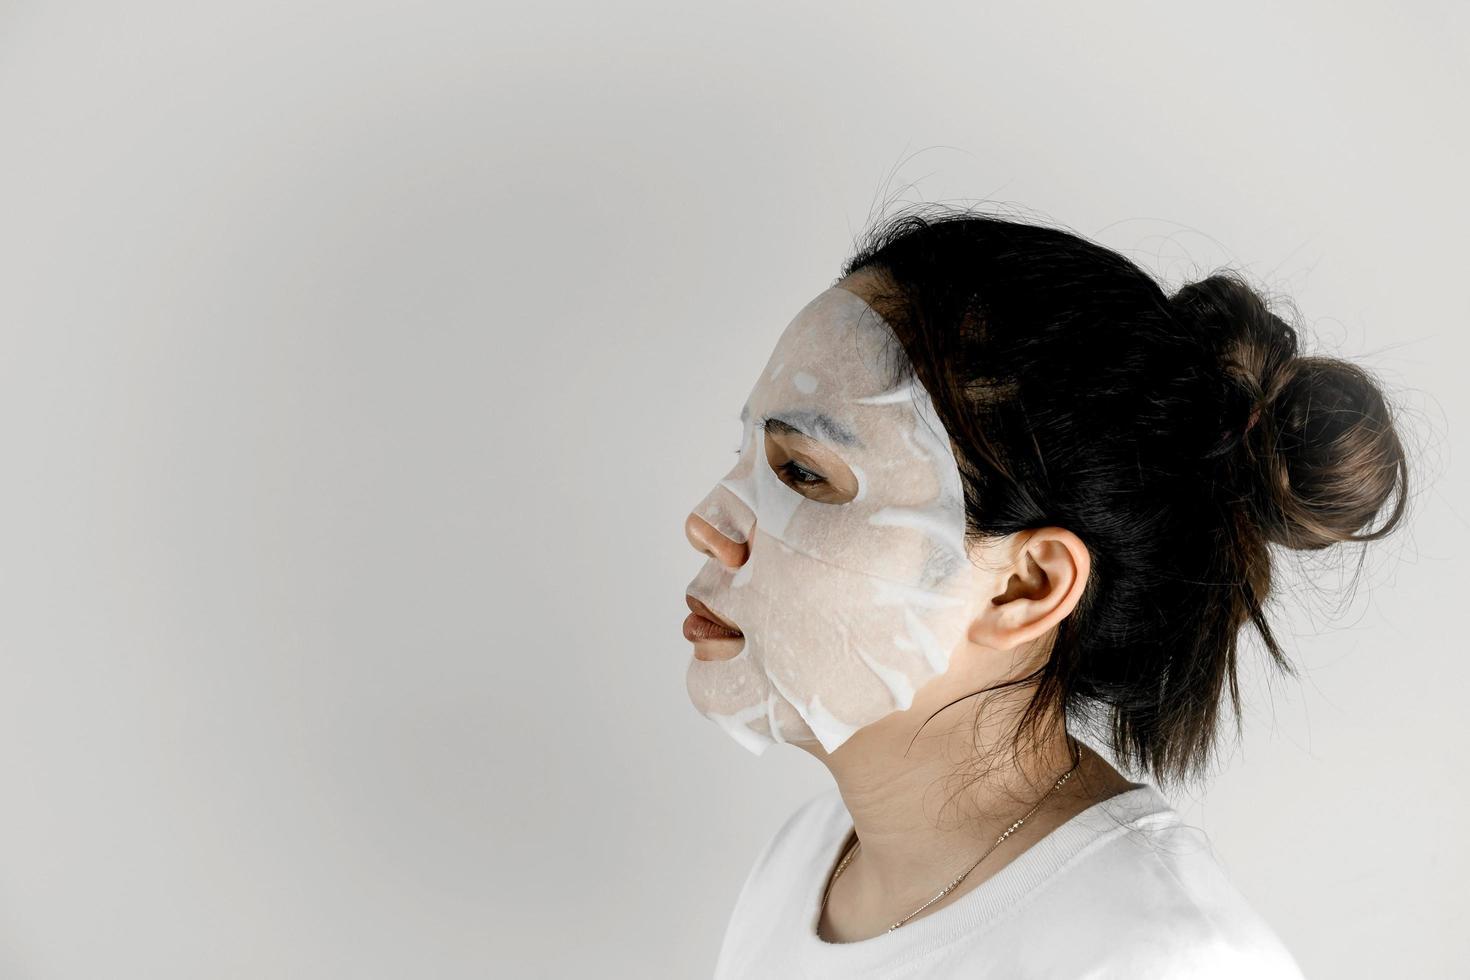 mujer asiática en camiseta blanca y cubriendo su rostro con una máscara de hoja. foto